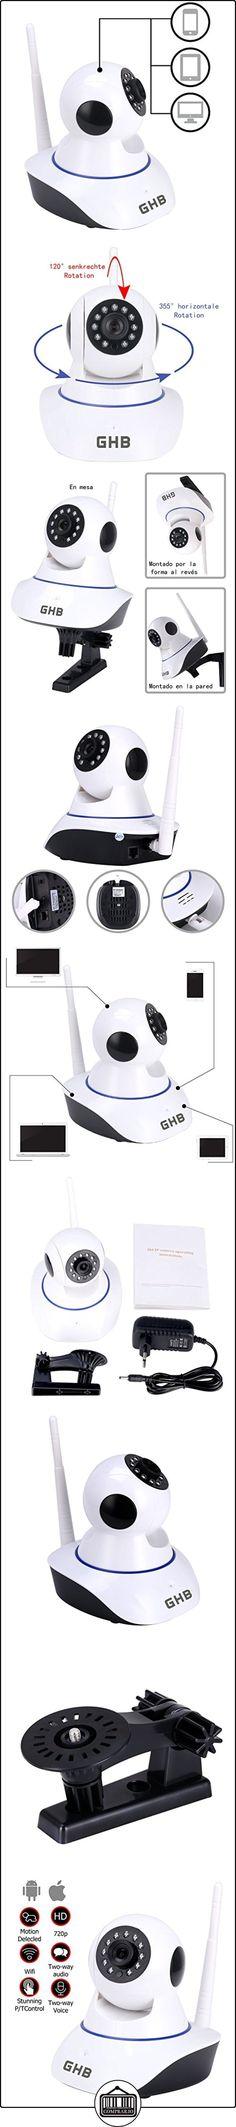 GHB IP Cámara de Vigilancia HD Vigilabebés Cámara Seguridad Interior P2P WiFi 1280x720 Compatible Movil iOS Android Tablet PC Computador  ✿ Vigilabebés - Seguridad ✿ ▬► Ver oferta: http://comprar.io/goto/B01H1HYFKA